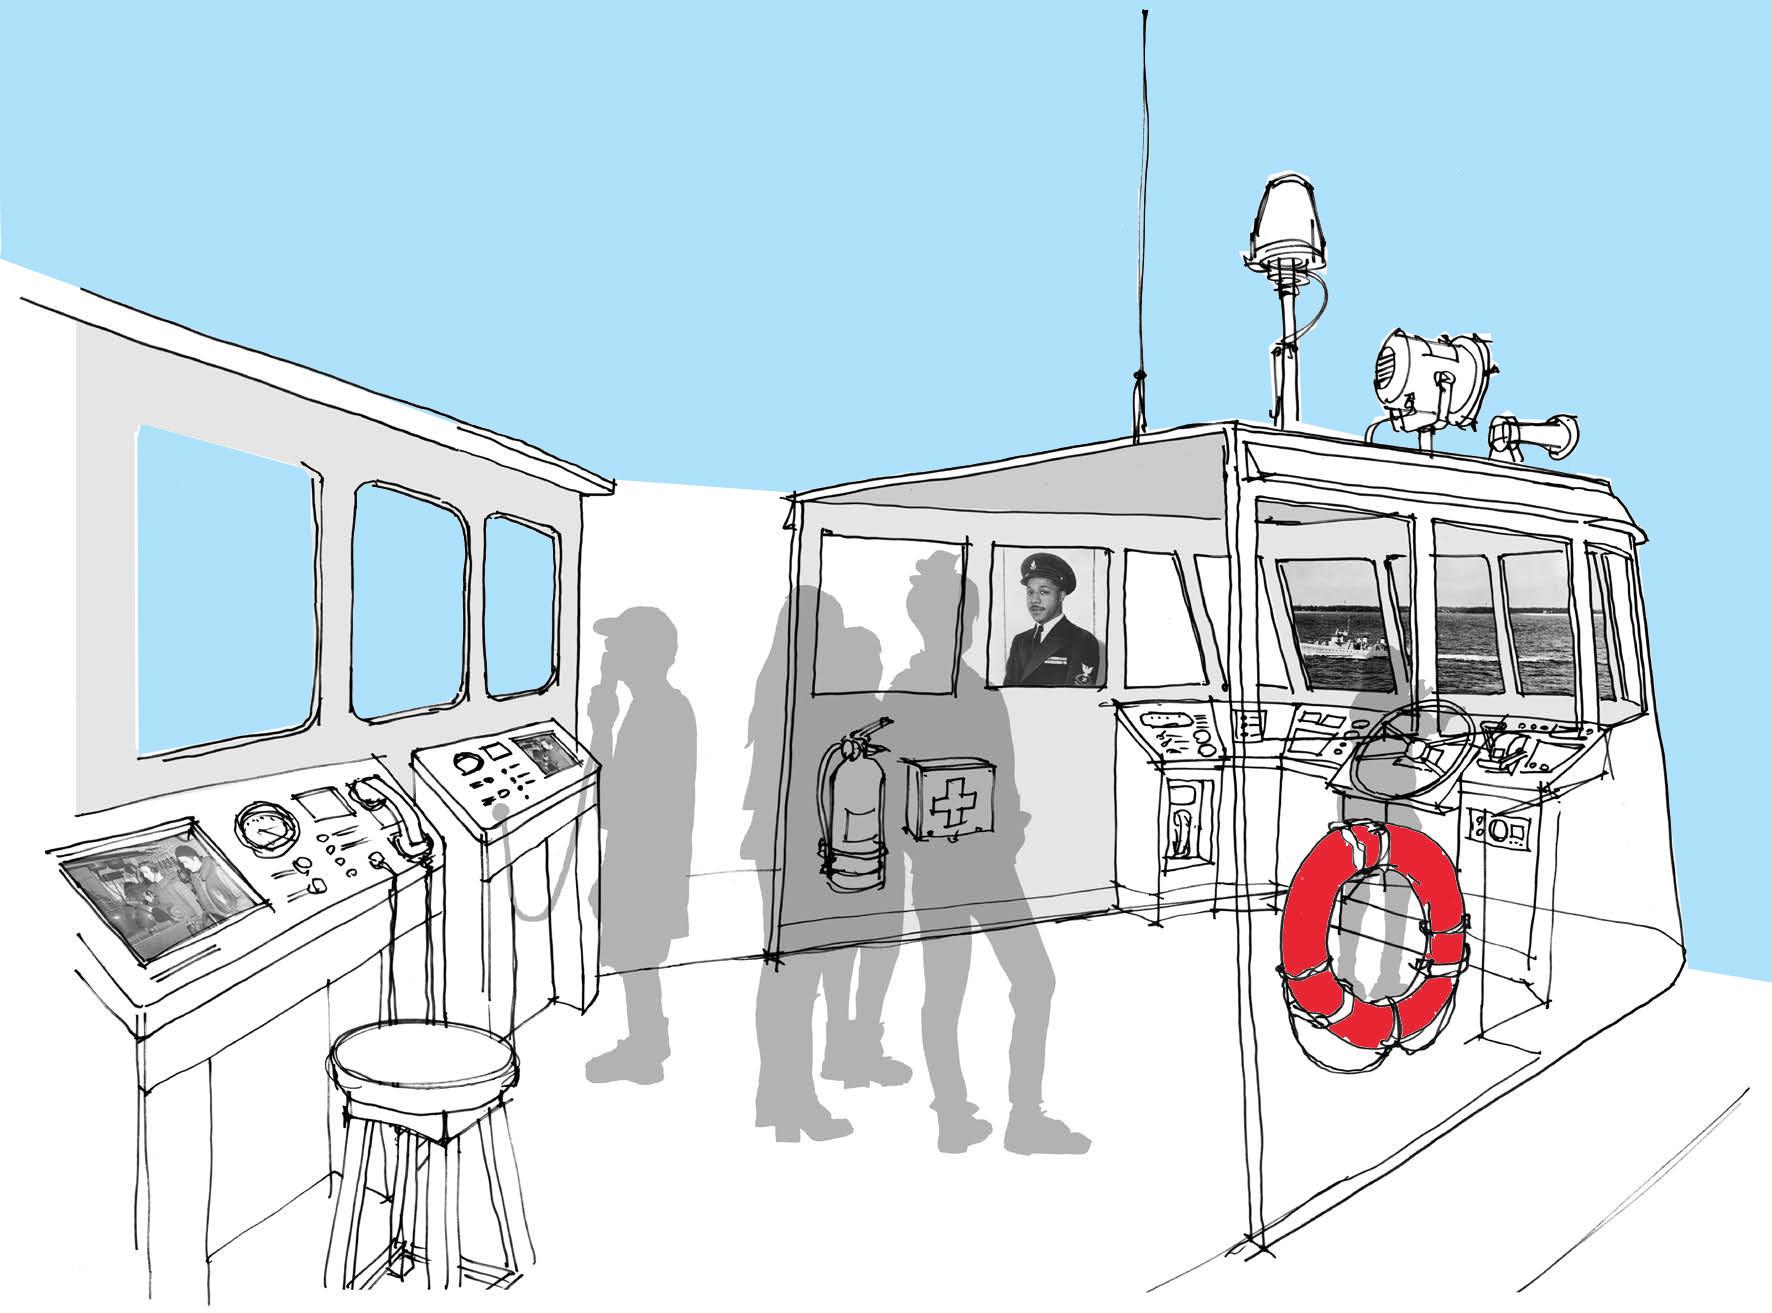 75 Sch Cutter Bridge Sim 54 sketch colored.jpg